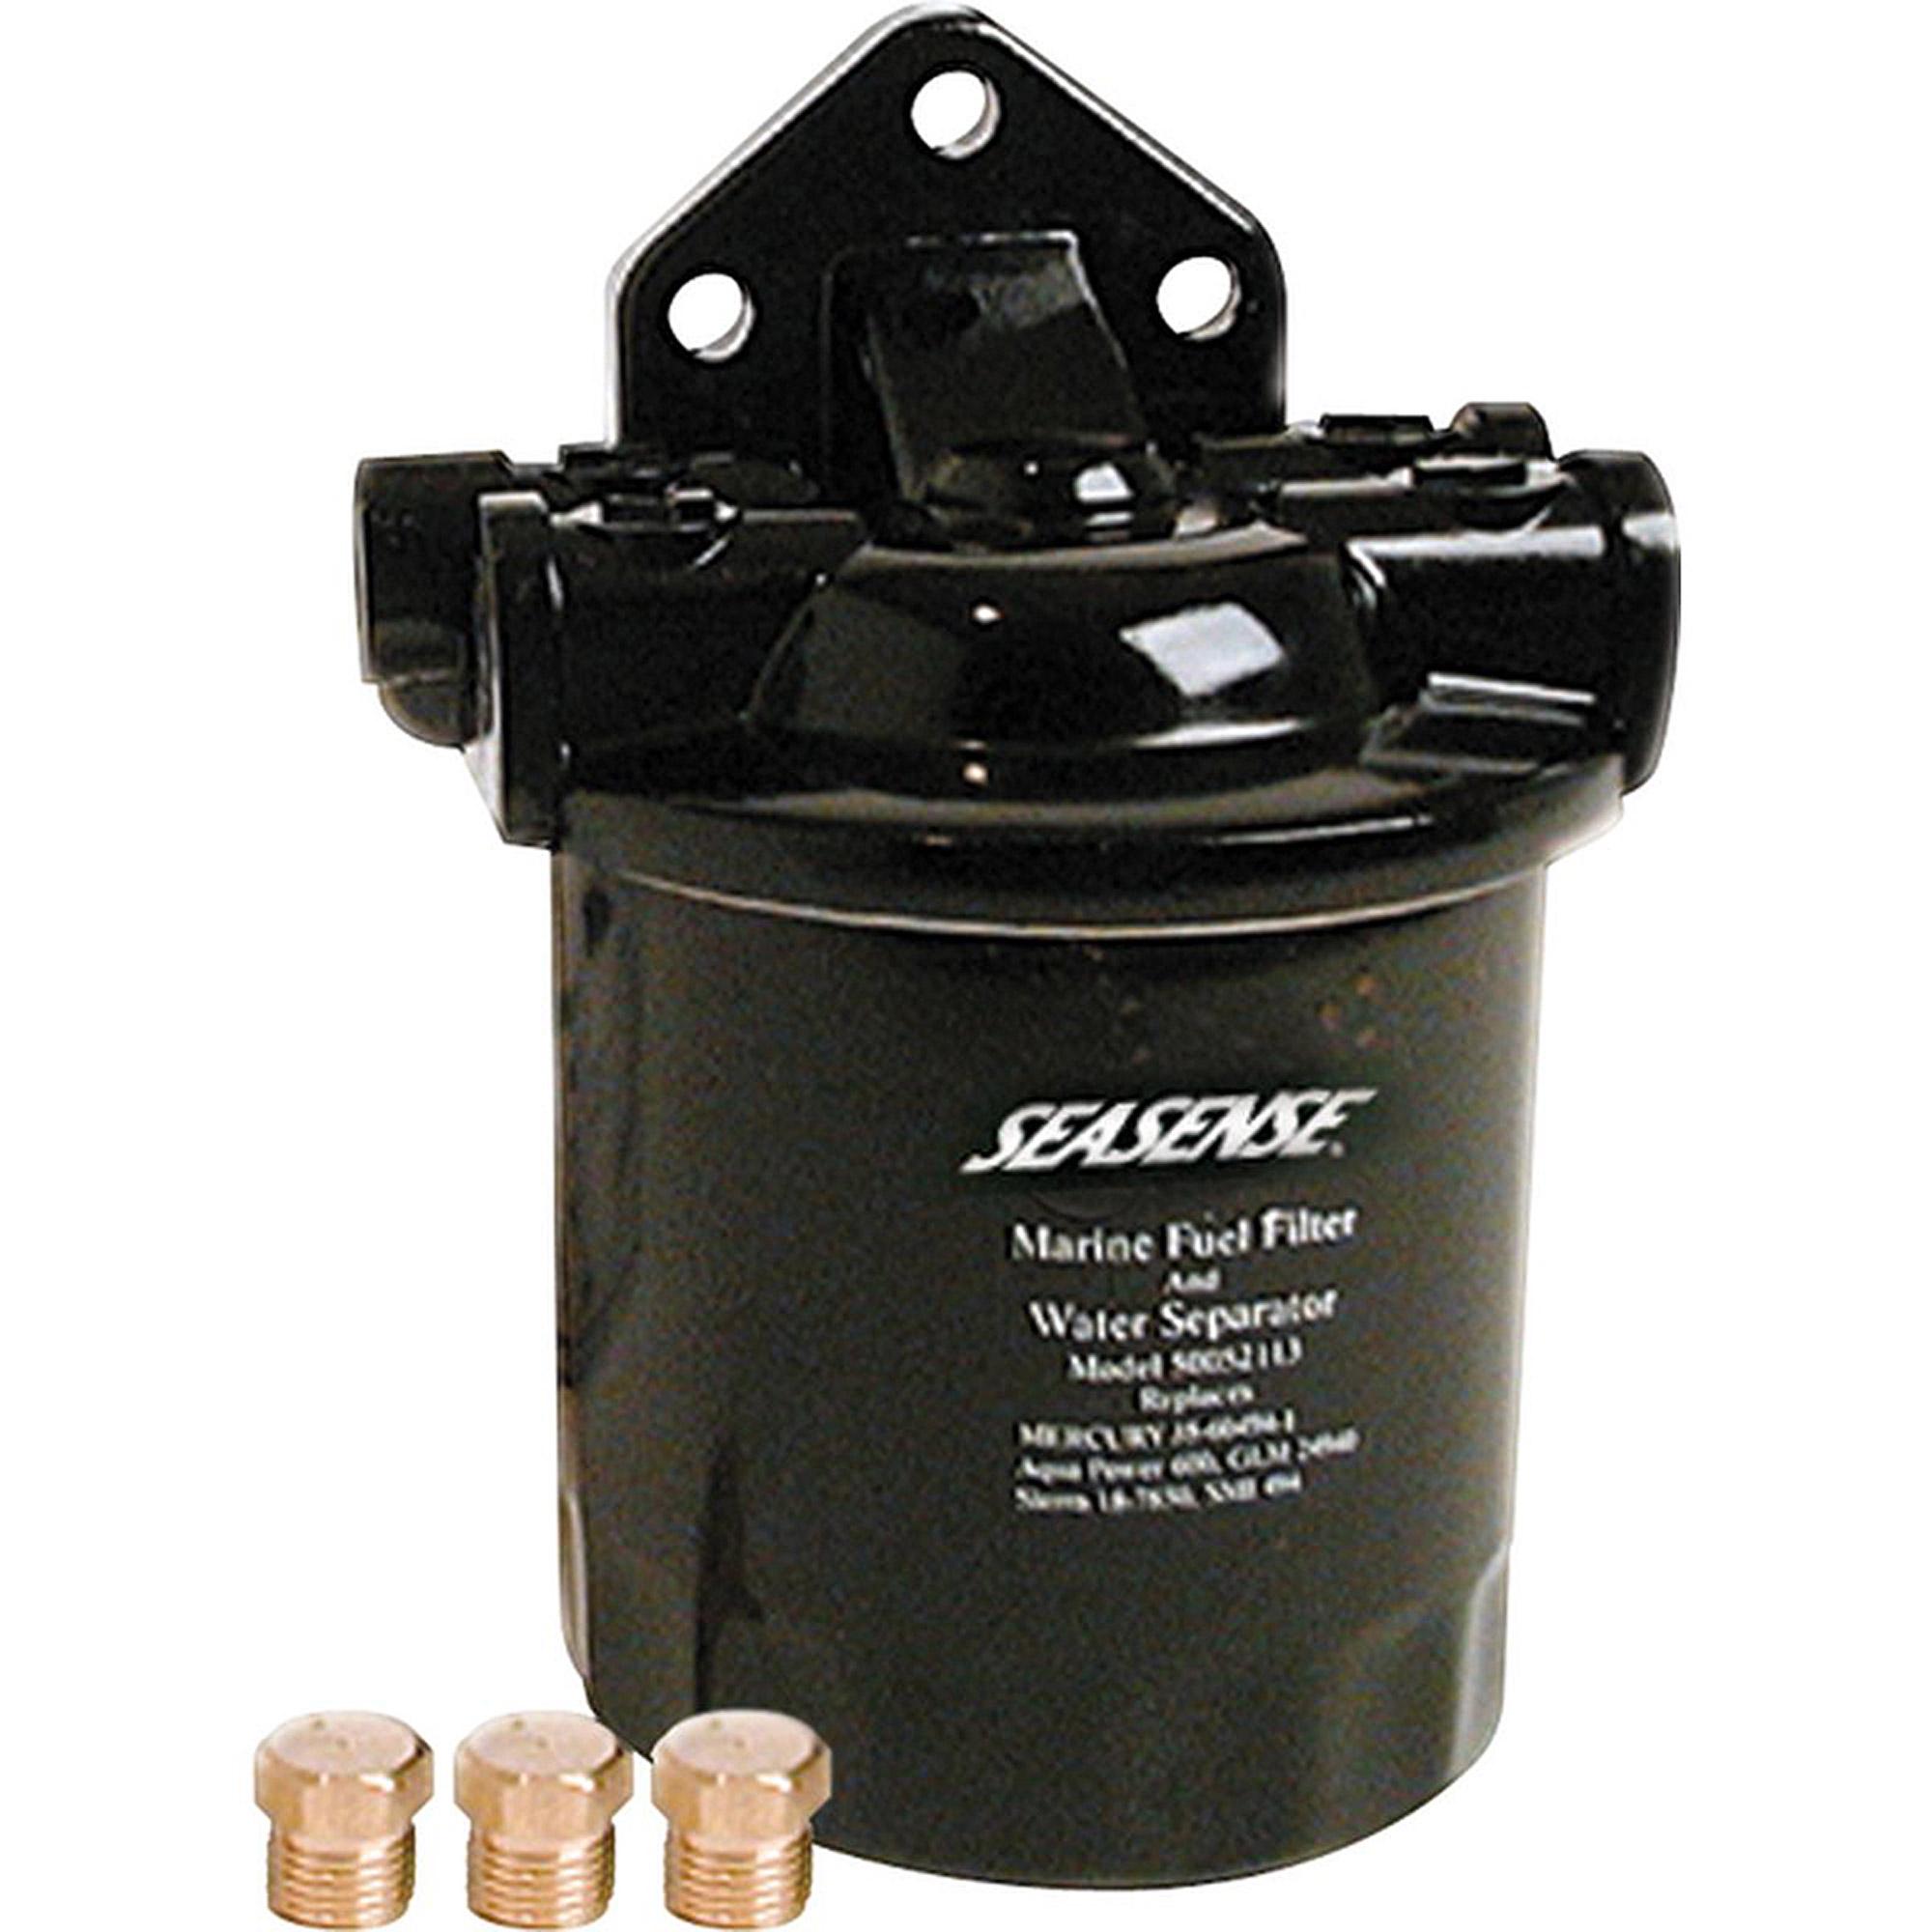 SeaSense Fuel Filter/Water Separator Kit